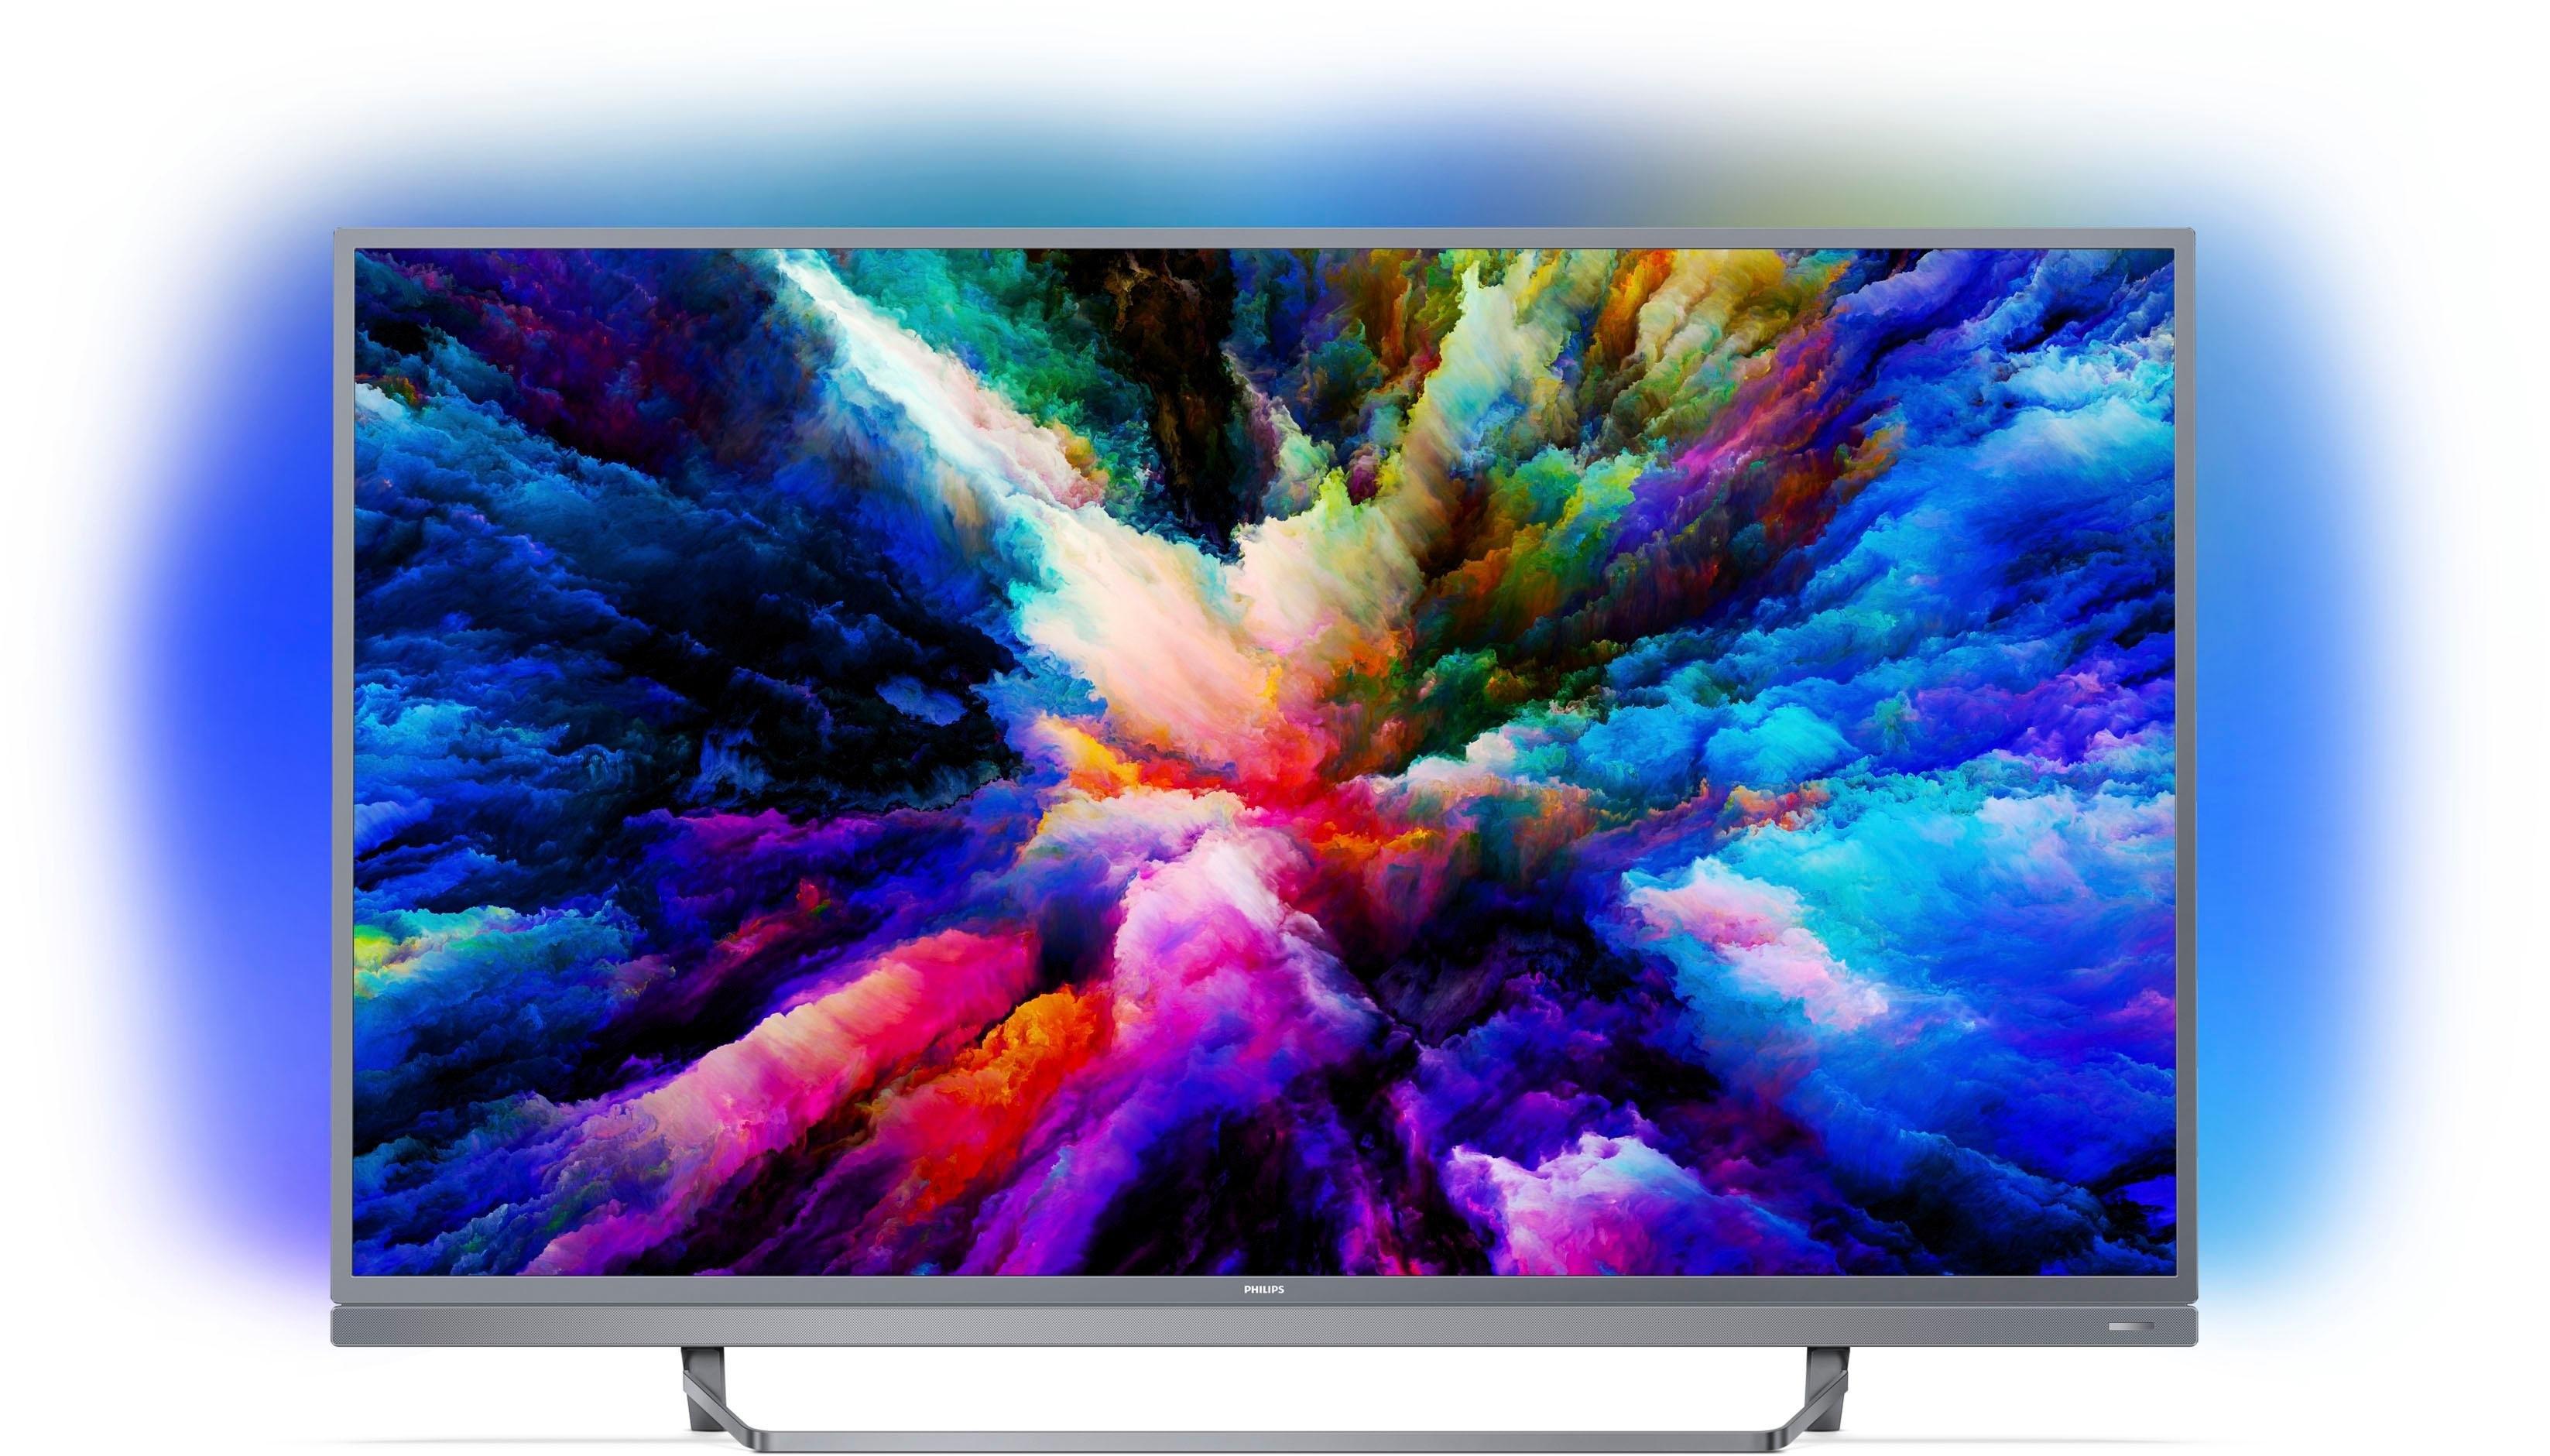 Philips 49PUS7503 led-tv (123 cm / 49 inch), 4K Ultra HD voordelig en veilig online kopen